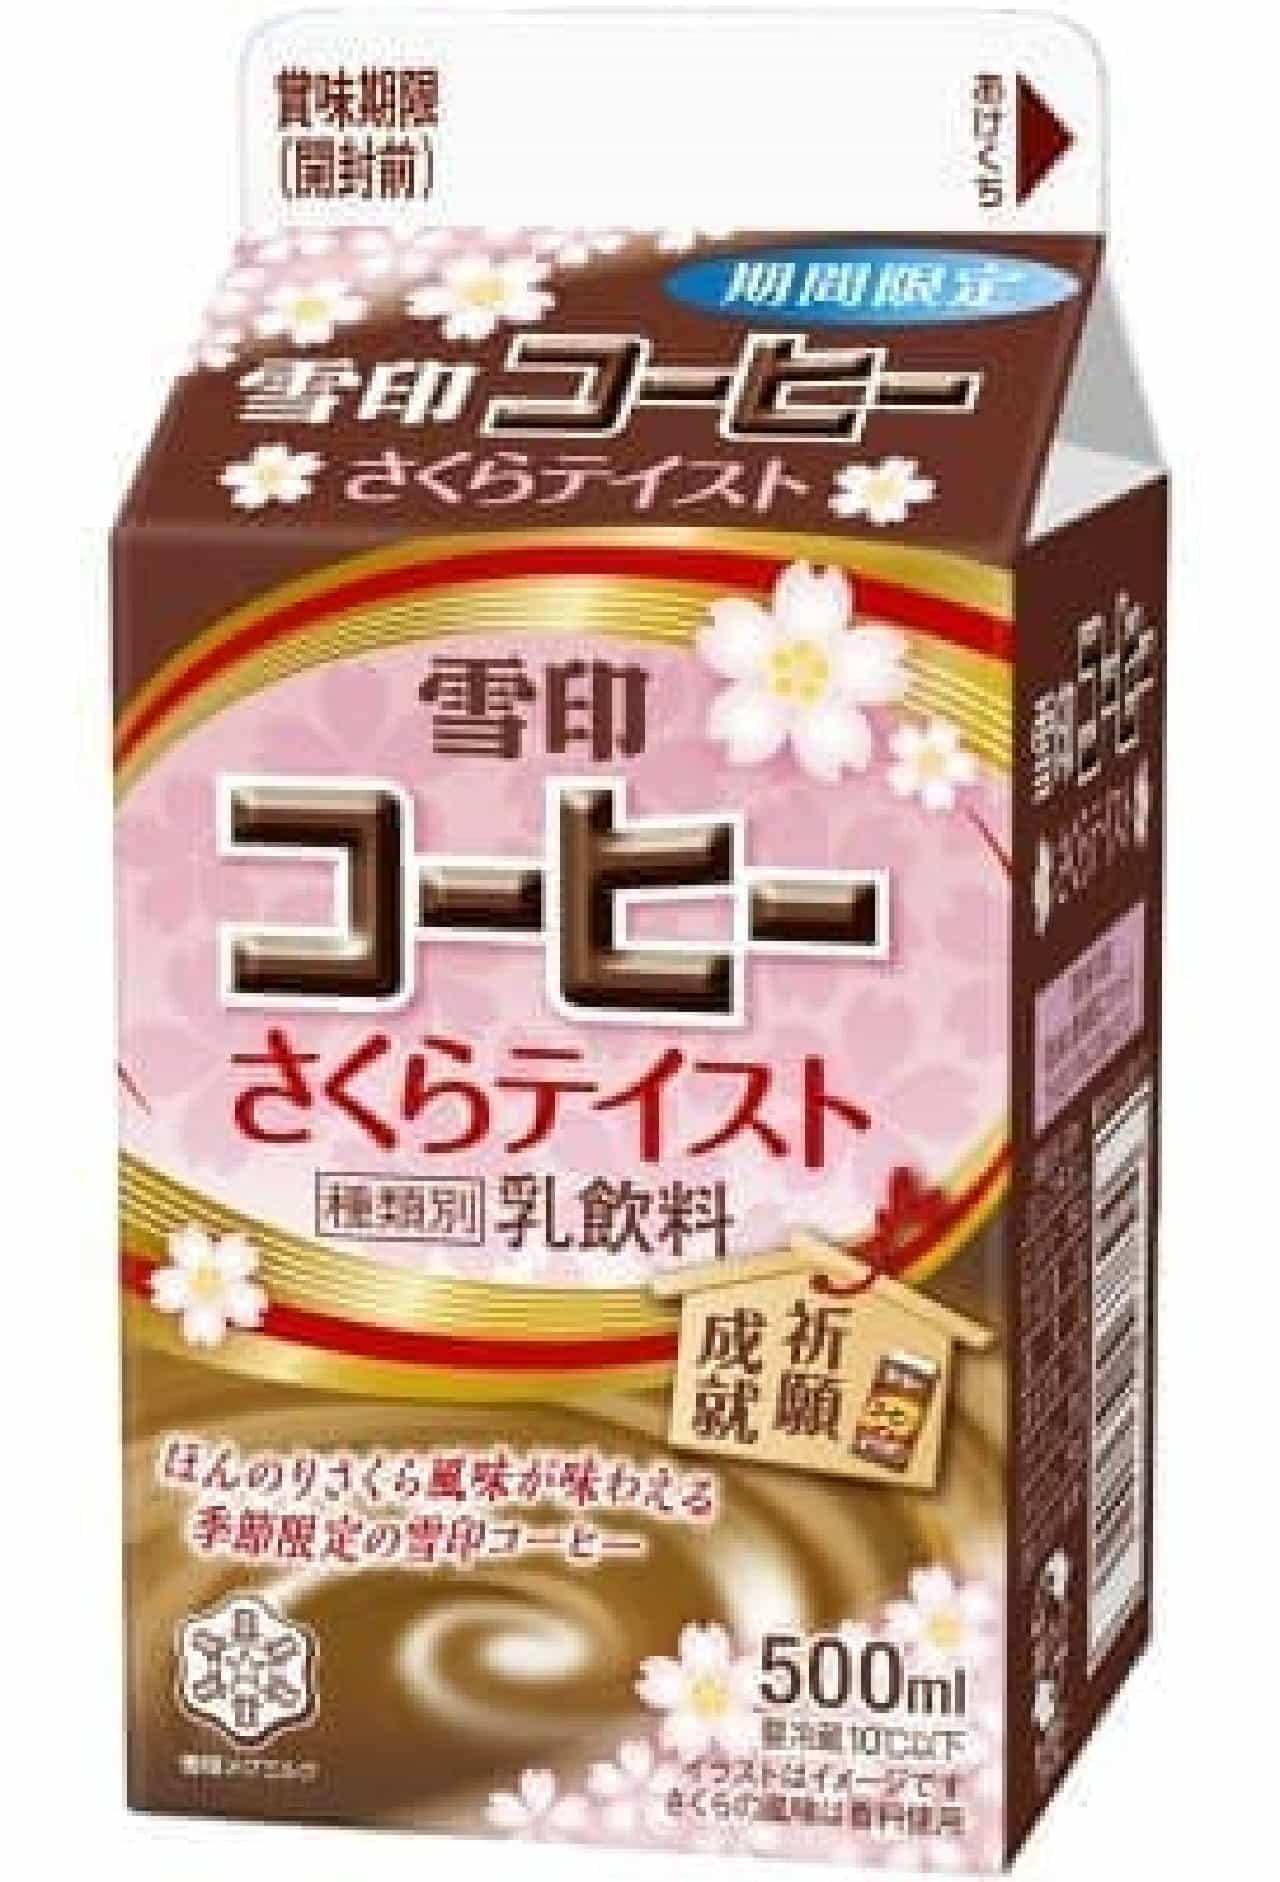 定番雪印コーヒーが春仕様に!